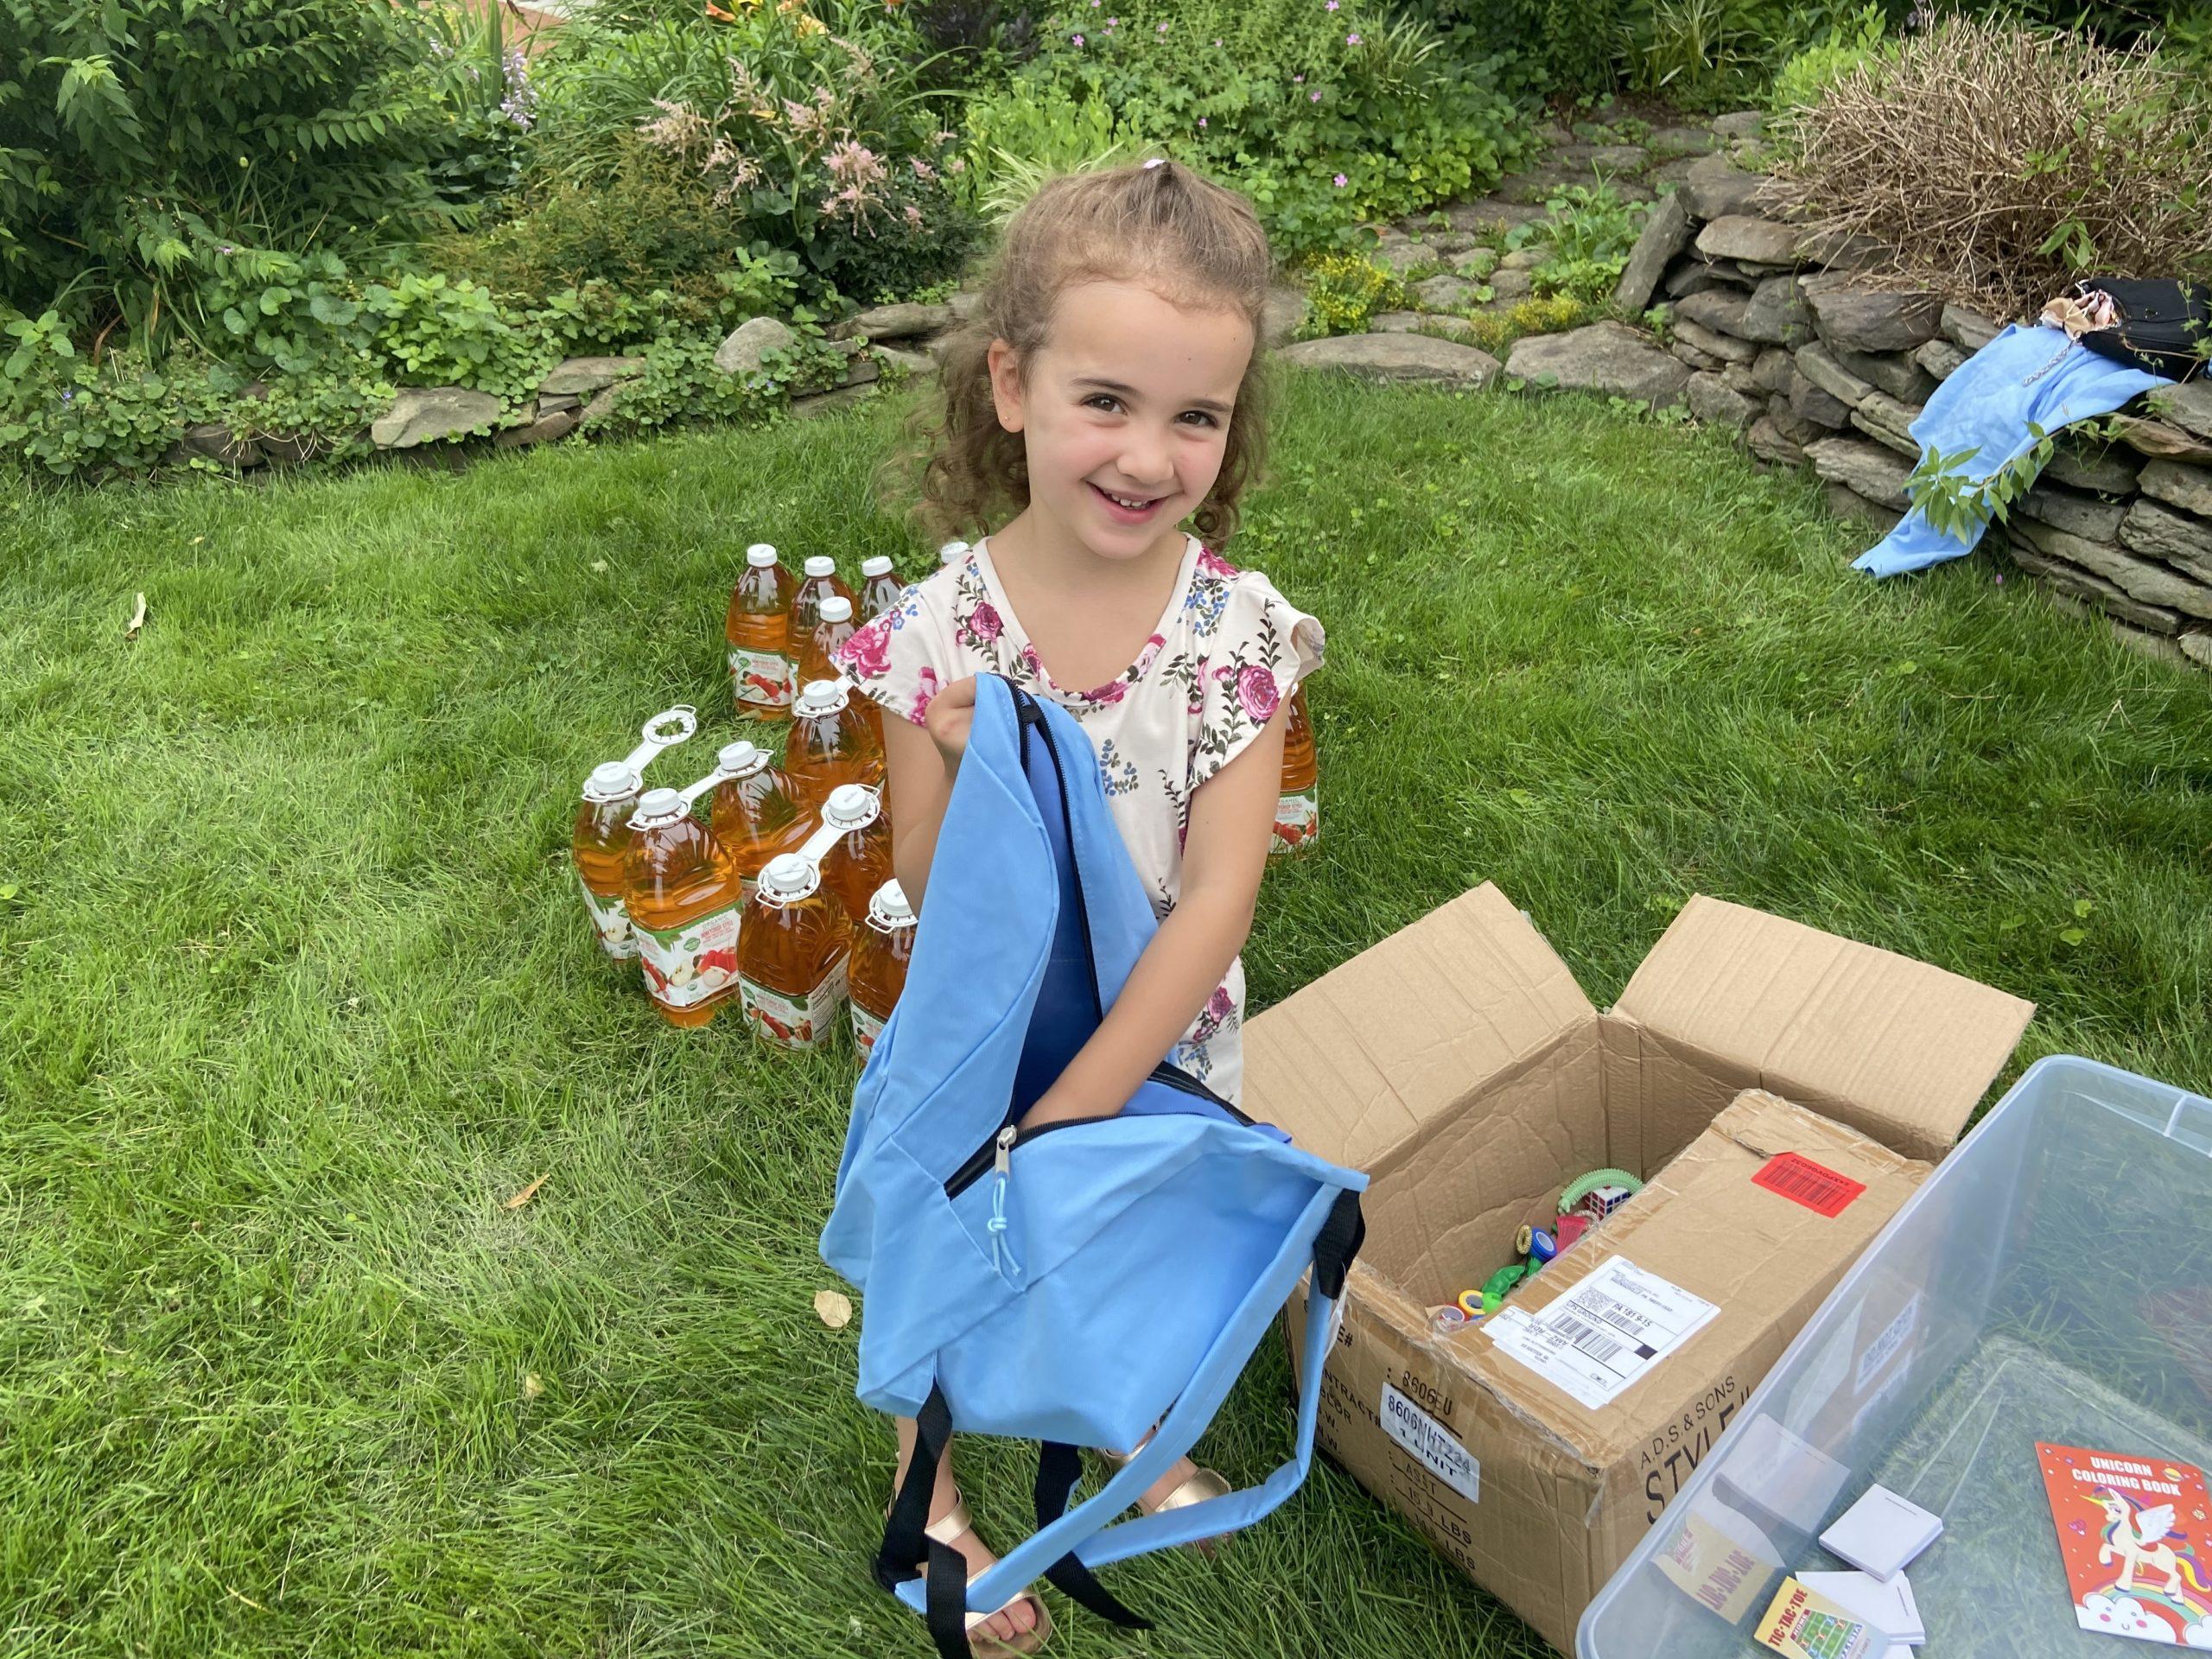 Nicole, a volunteer, helps pack a backpack